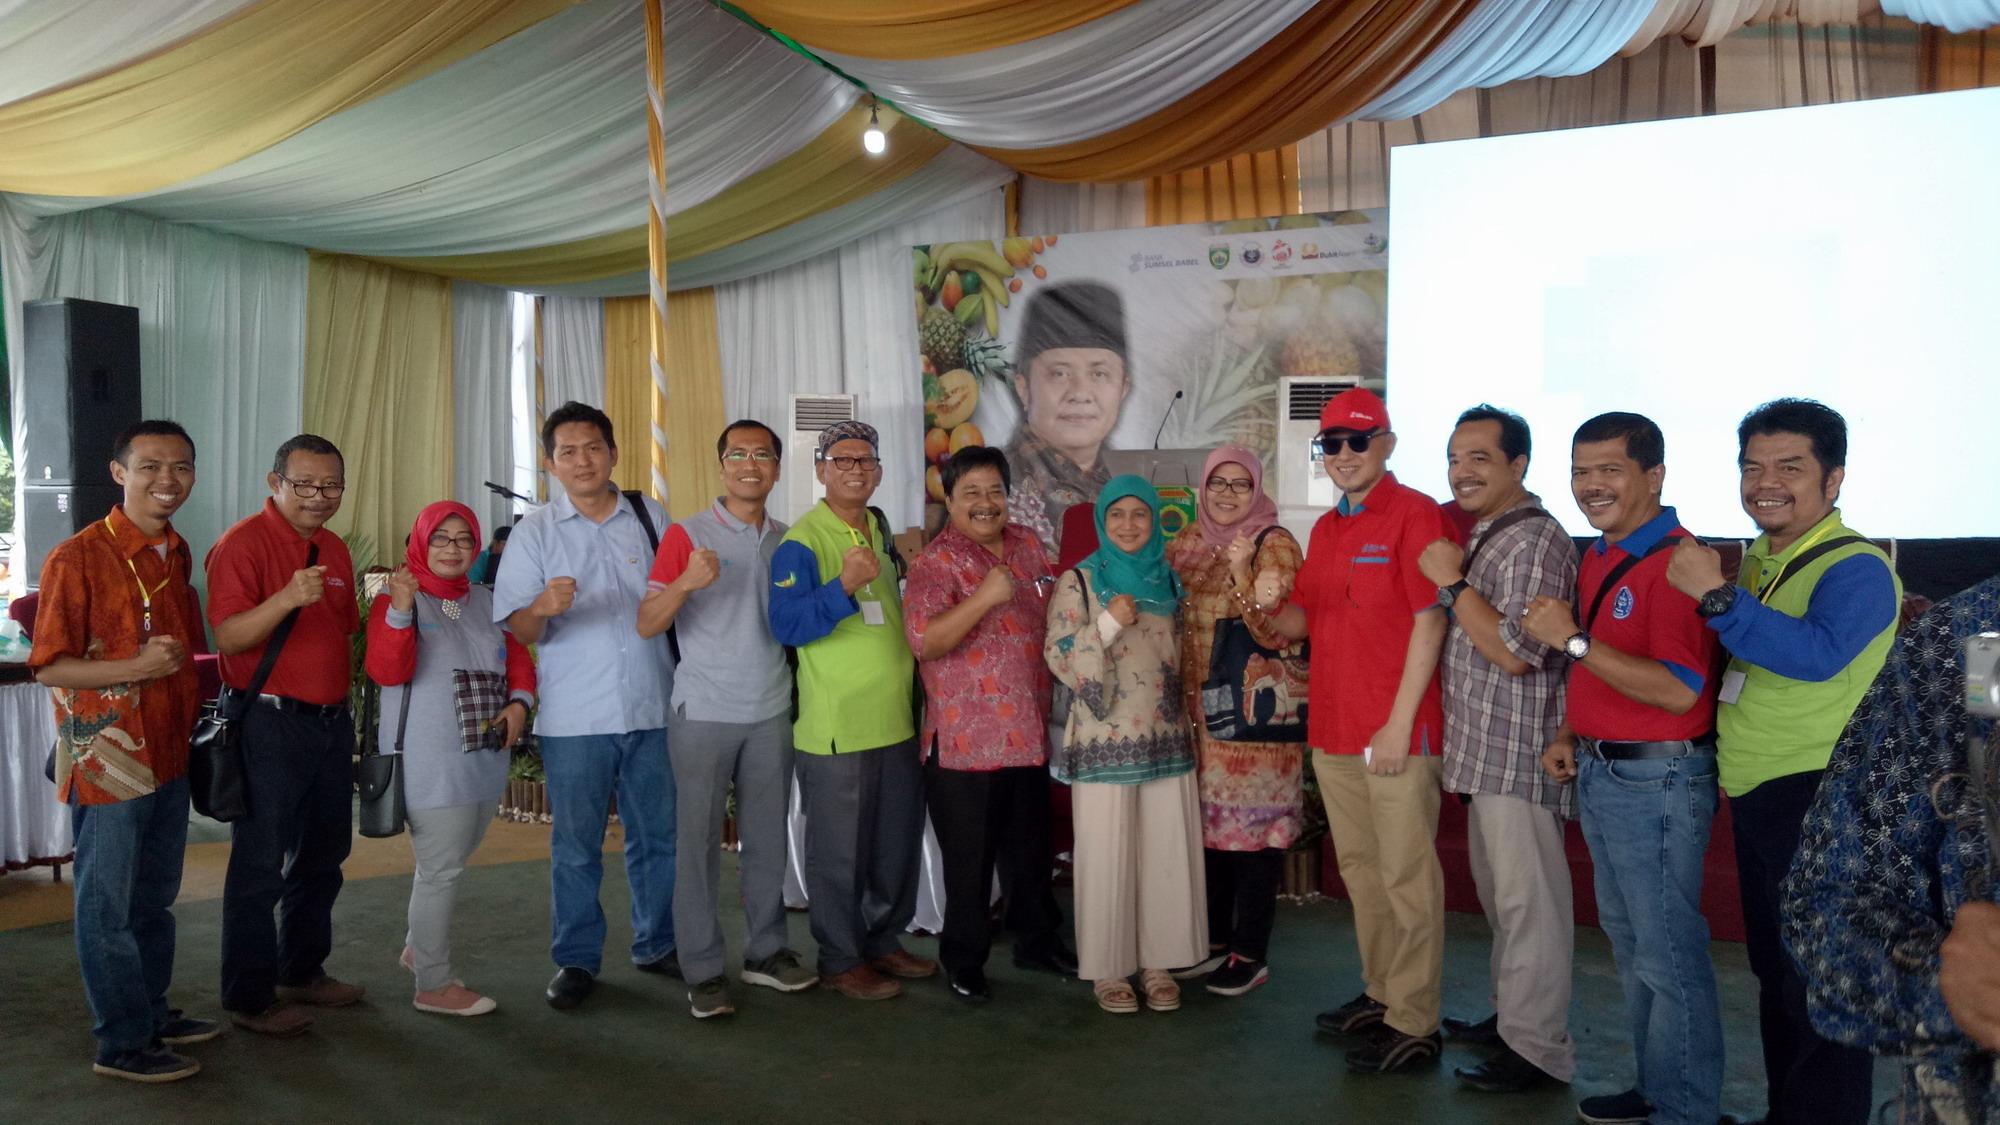 Kunjungan DPP HA ke DPD Palembang bersama Masyarakat Agrobisnis Agroindustri dan Gubernur Palembang